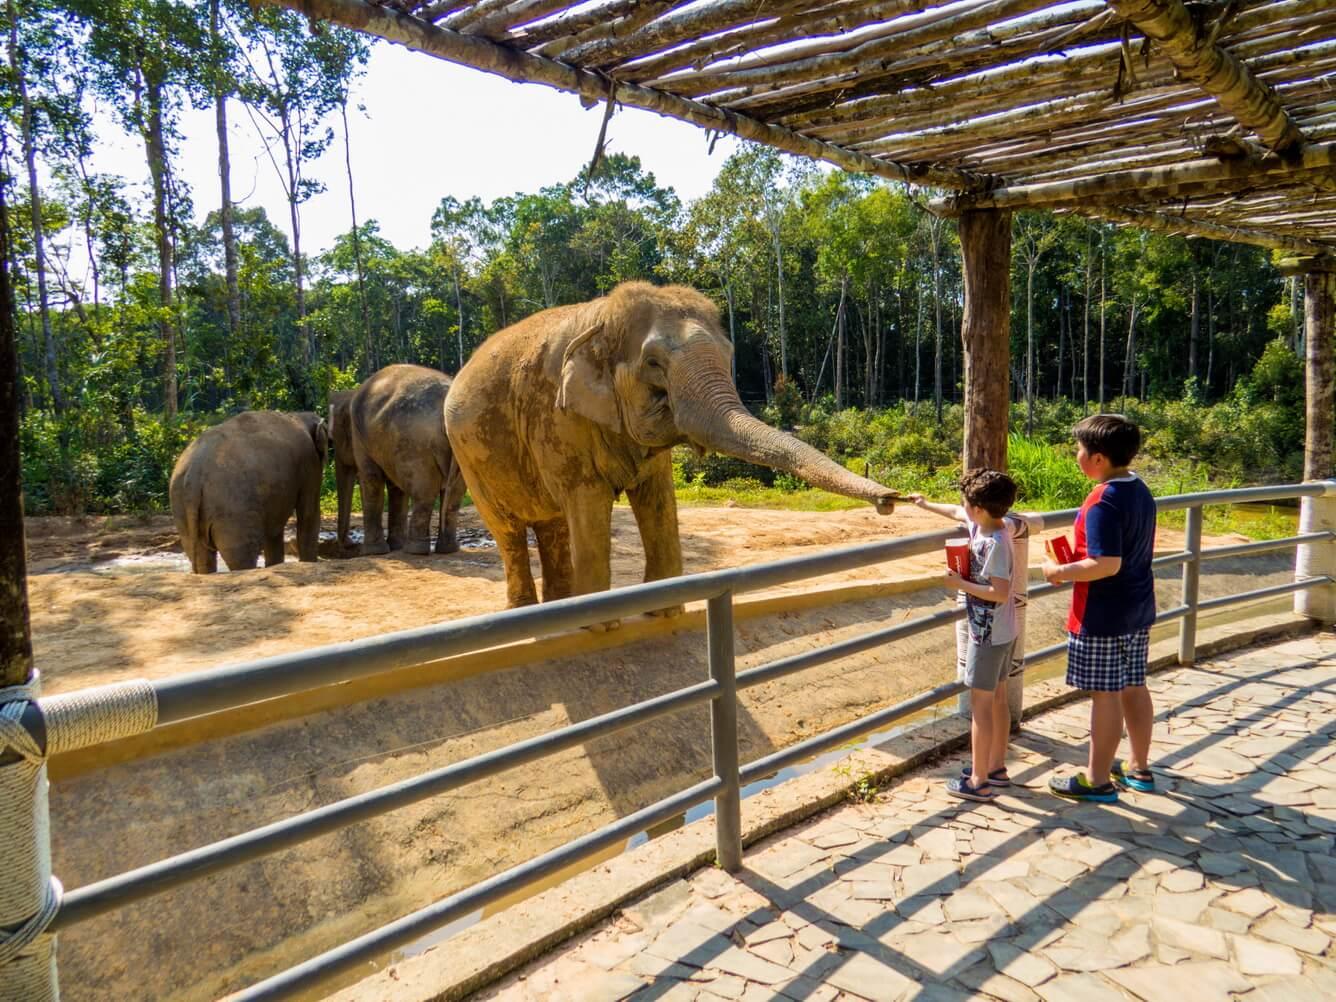 Nghỉ dưỡng đẳng cấp tại VinOasis Phú Quốc 5*, thỏa sức vui chơi tại Vinwonder và vườn thú Safari